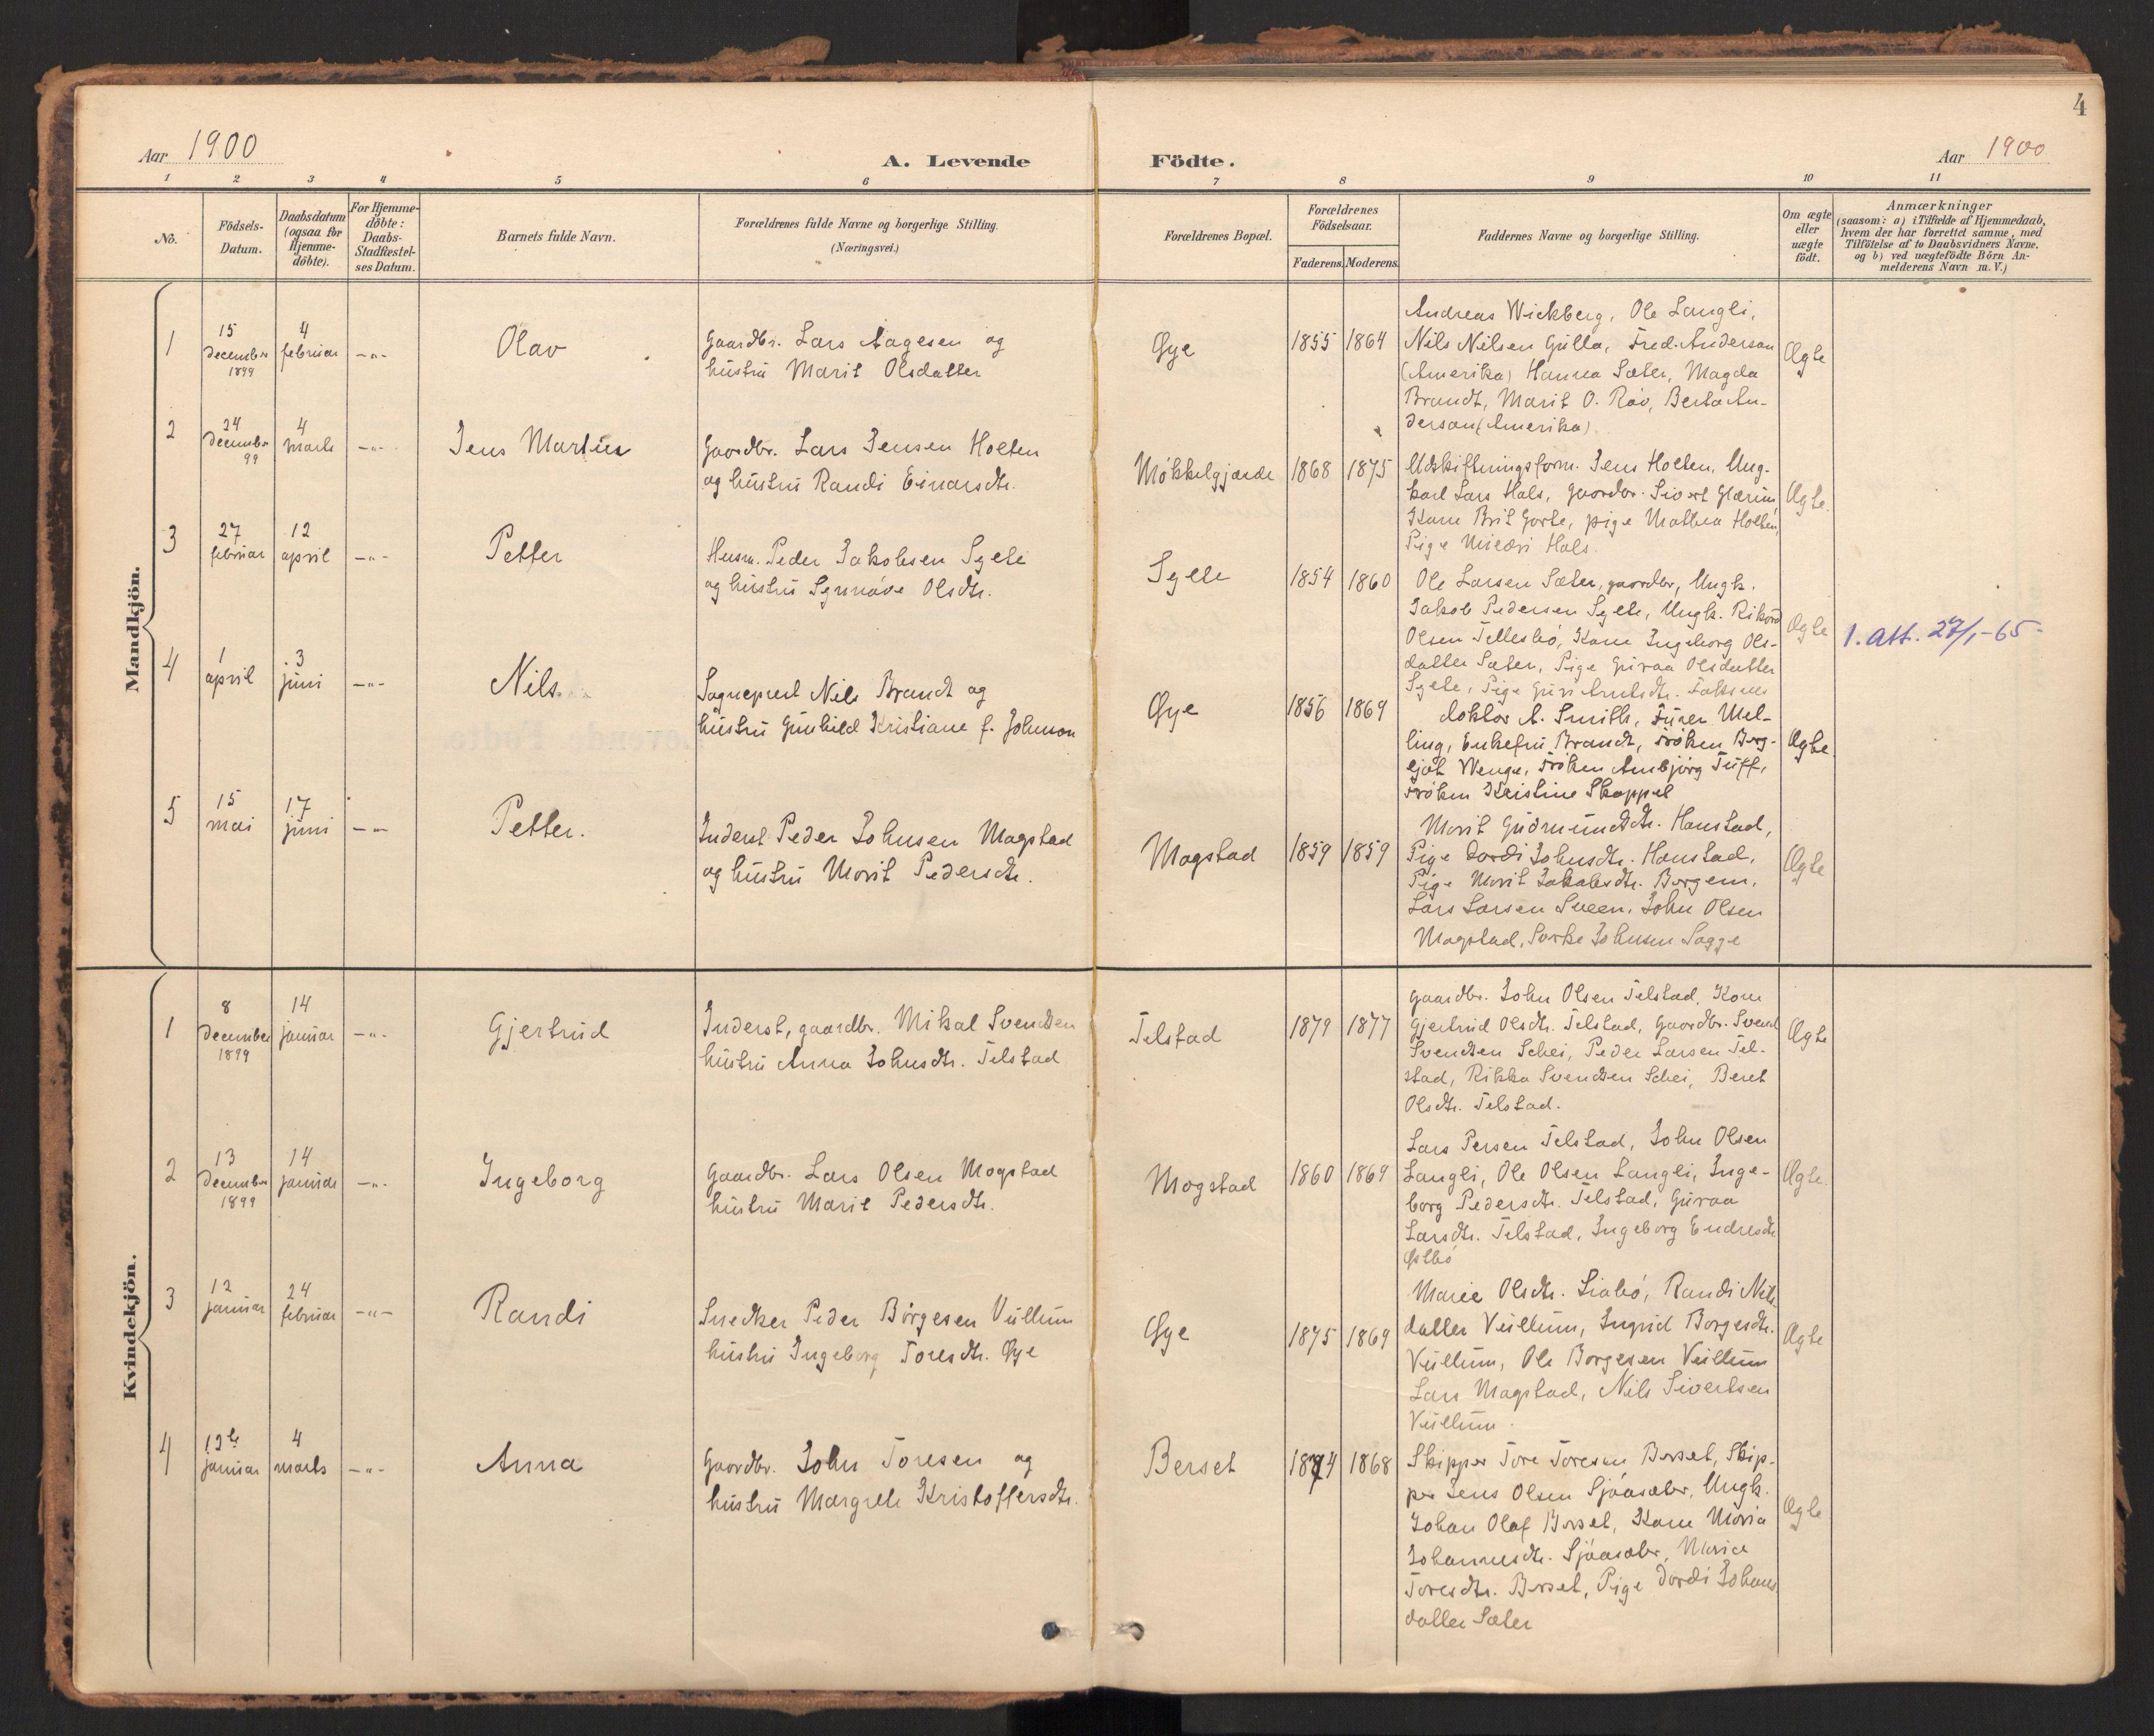 SAT, Ministerialprotokoller, klokkerbøker og fødselsregistre - Møre og Romsdal, 595/L1048: Ministerialbok nr. 595A10, 1900-1917, s. 4